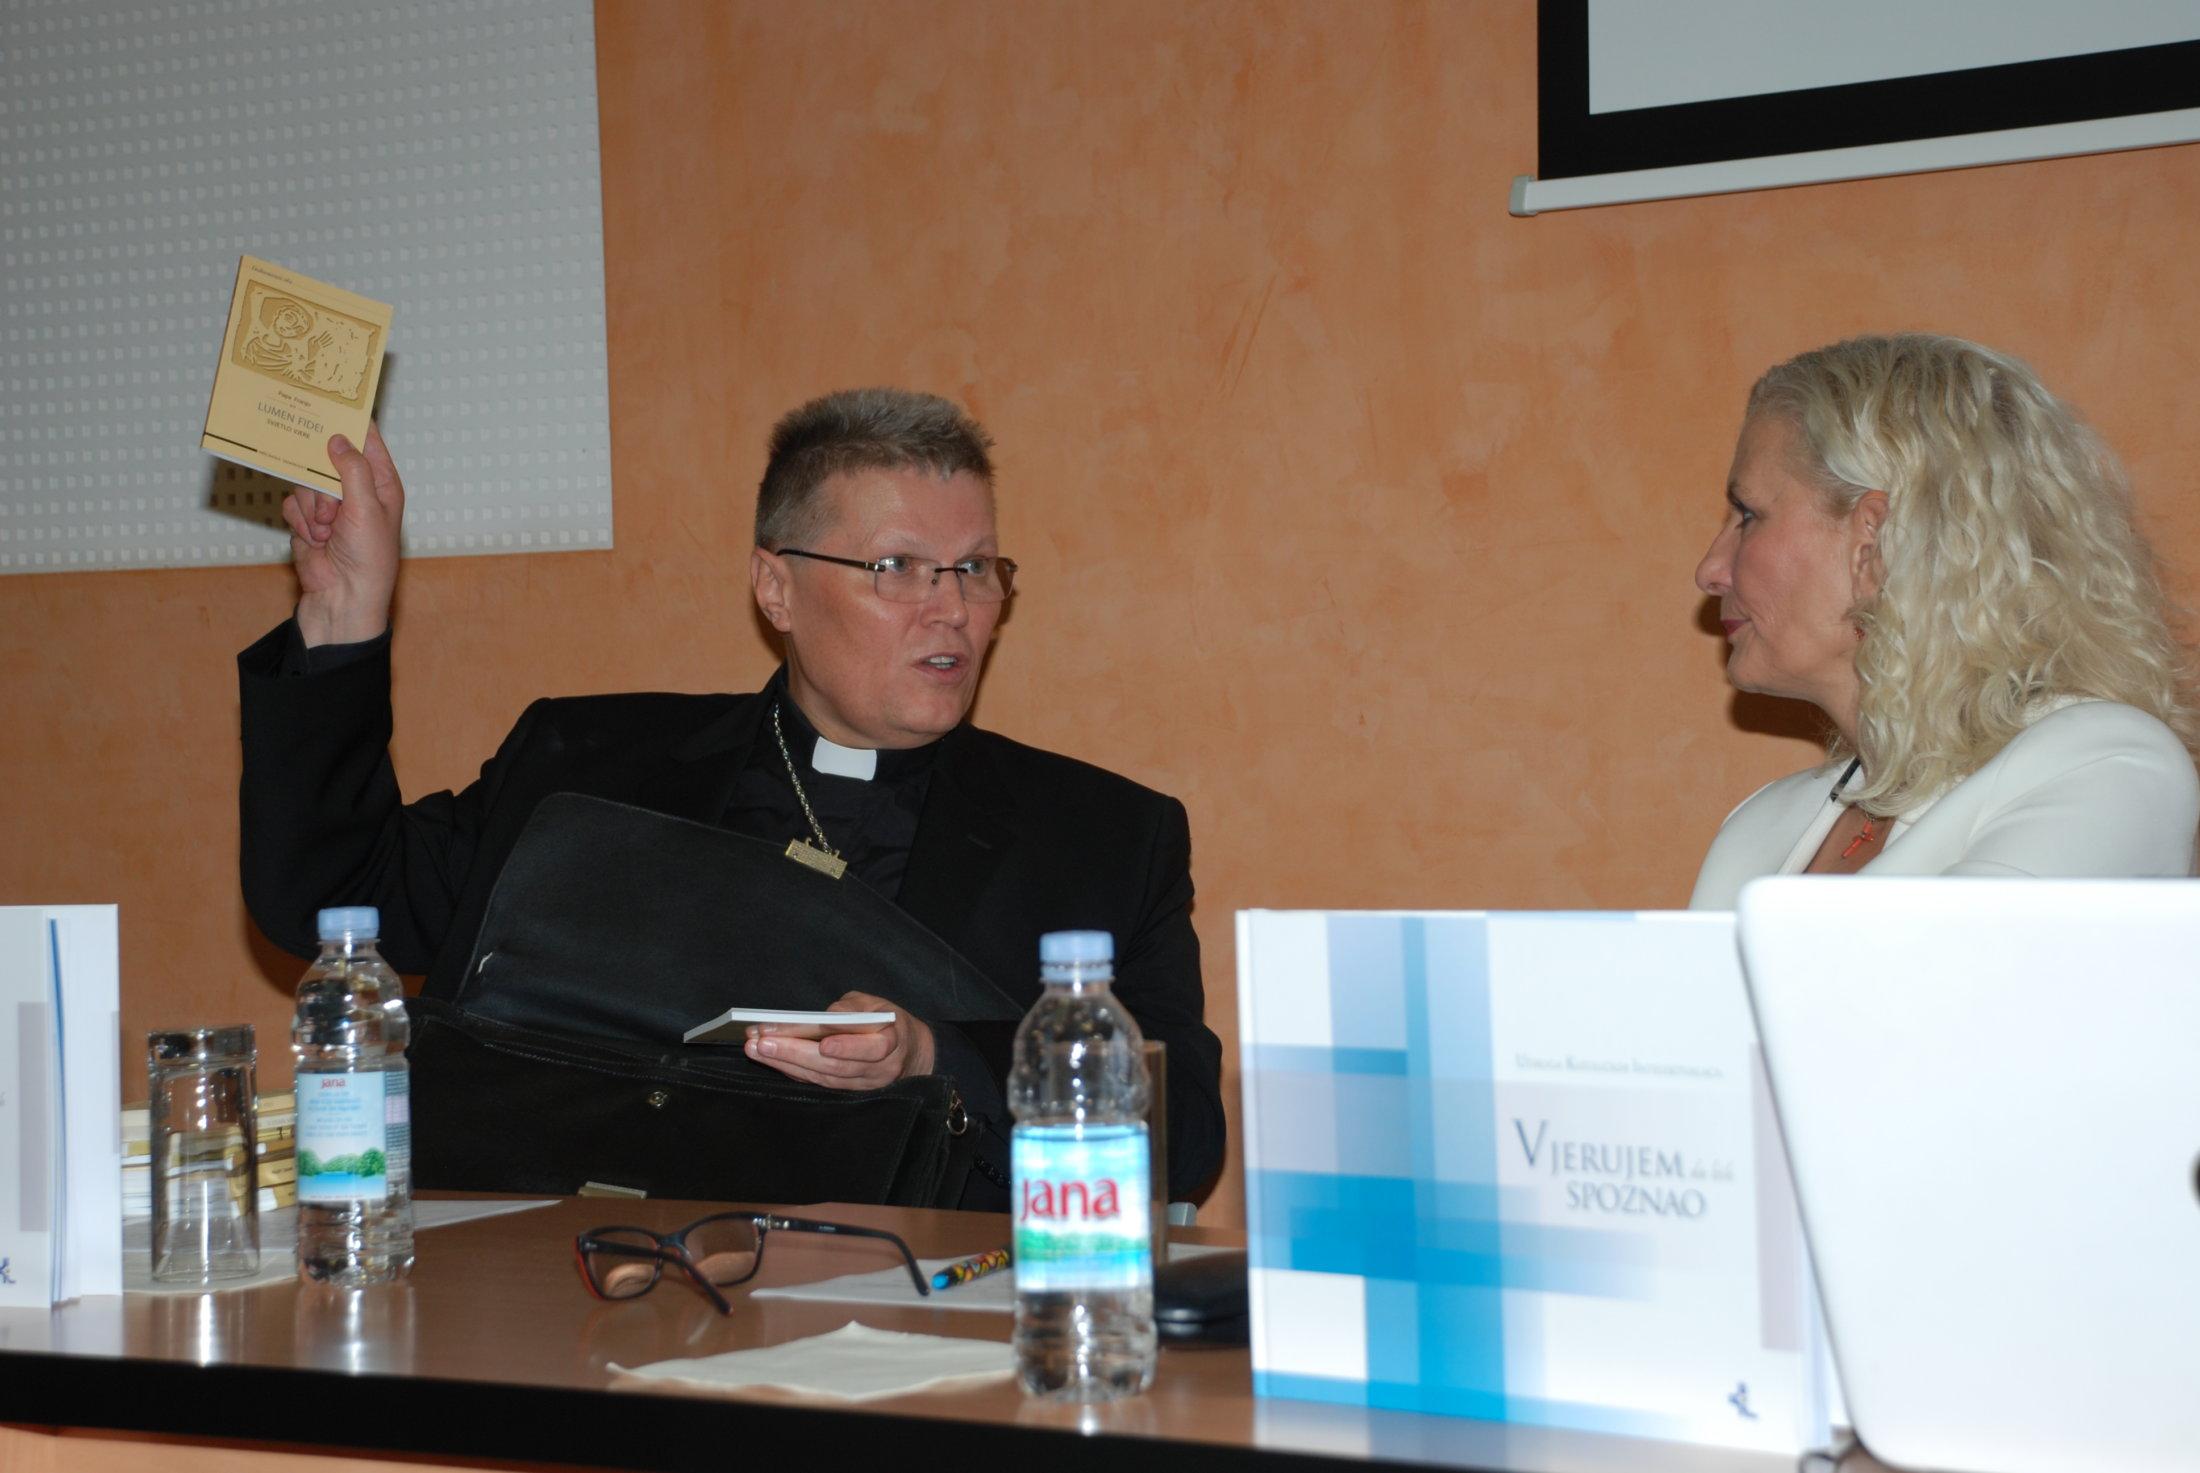 Nadbiskup Đ.Hranić U Obraćanju Intelektualcima, Vikarijat Osijek,15.11.19.